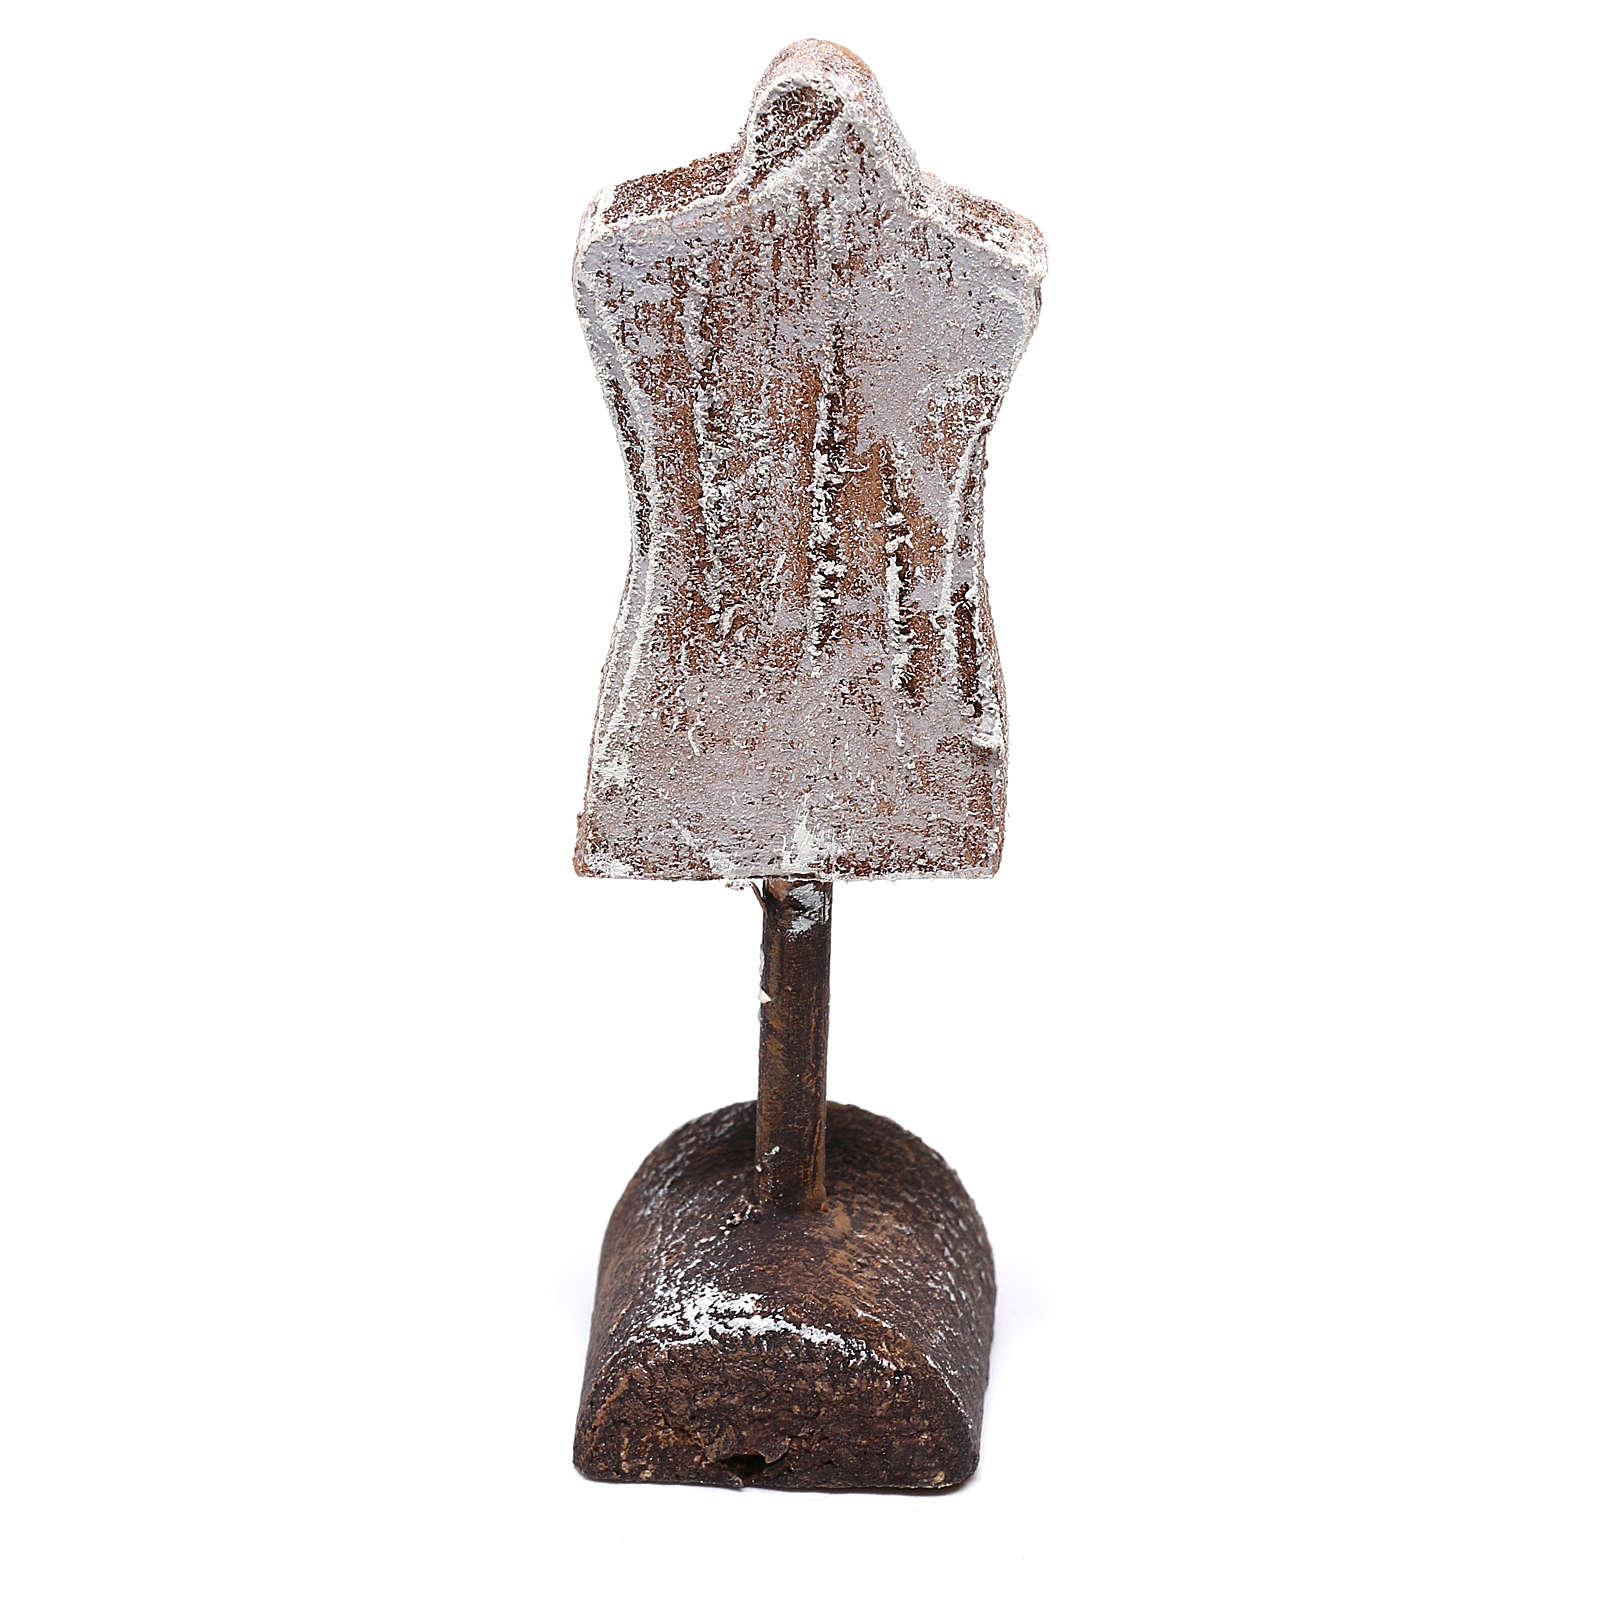 Maniquí 10x5x5 cm para belén de 12 cm 4